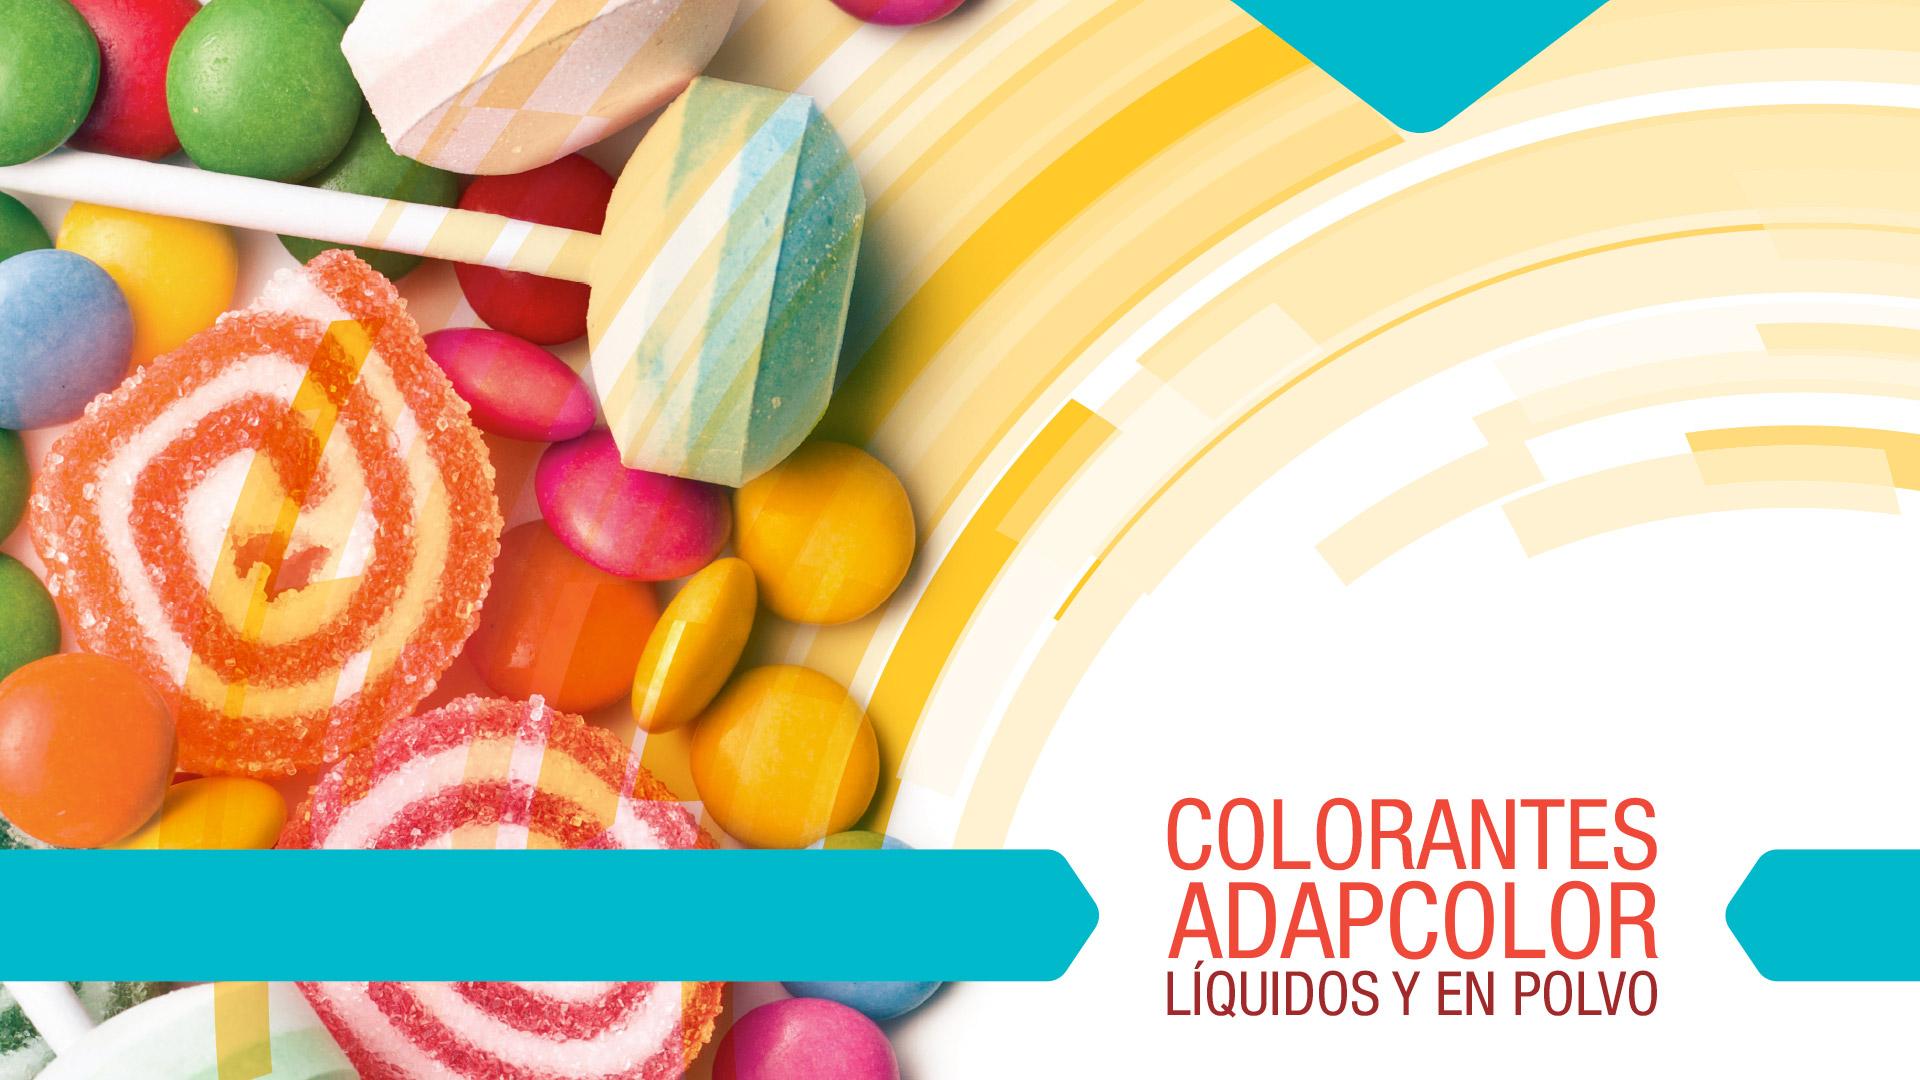 Colorantes ADAPCOLOR | Líquidos y en Polvo